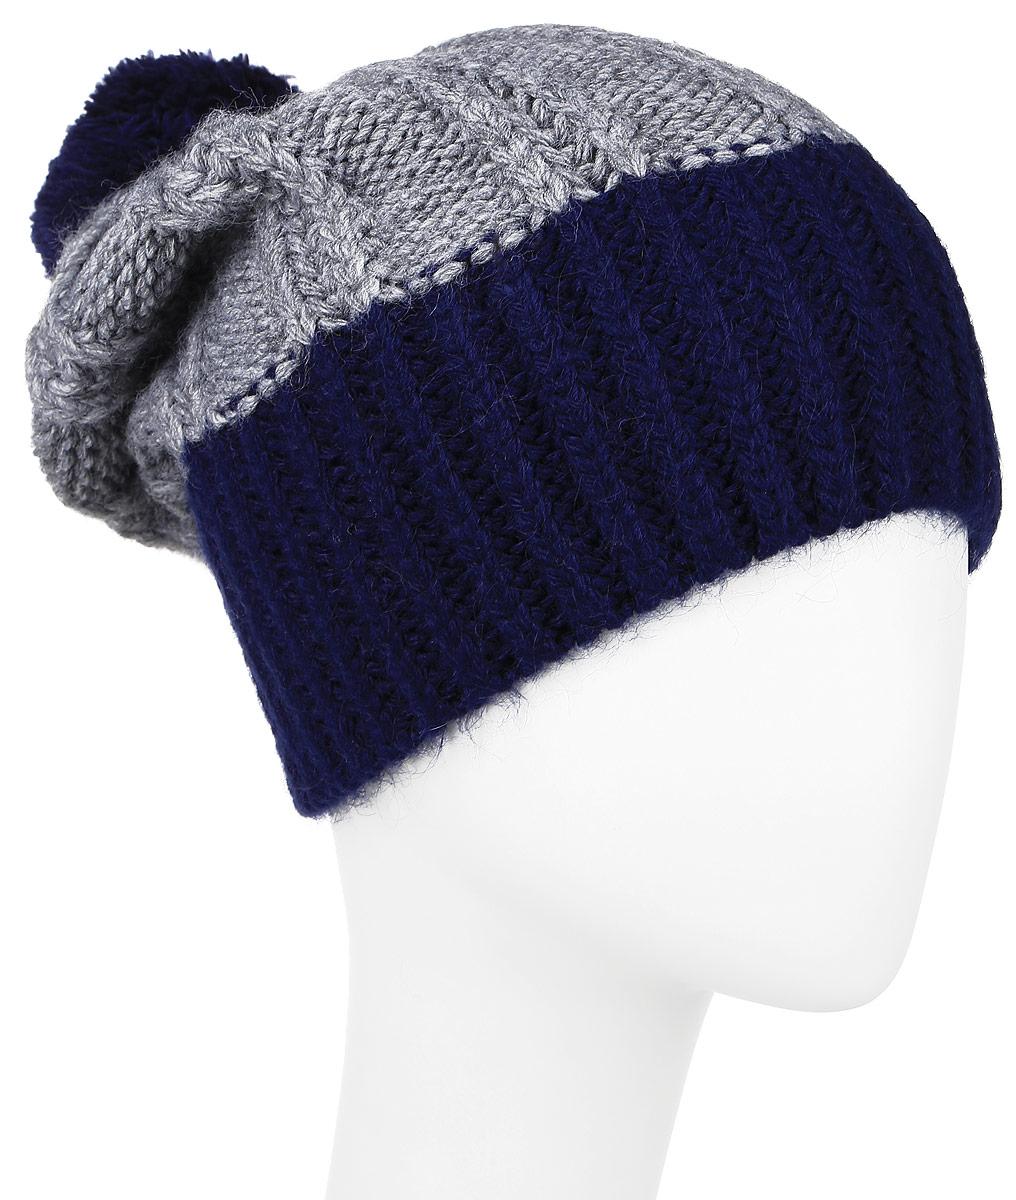 ШапкаW16-42106_101Стильная мужская шапка Finn Flare отлично дополнит ваш образ в холодную погоду. Сочетание шерсти и акрила максимально сохраняет тепло и обеспечивает удобную посадку. Шапка оформлена крупной вязкой и на макушке украшена помпоном. Модель дополнена металлической пластиной с названием бренда. Уважаемые клиенты! Размер, доступный для заказа, является обхватом головы.